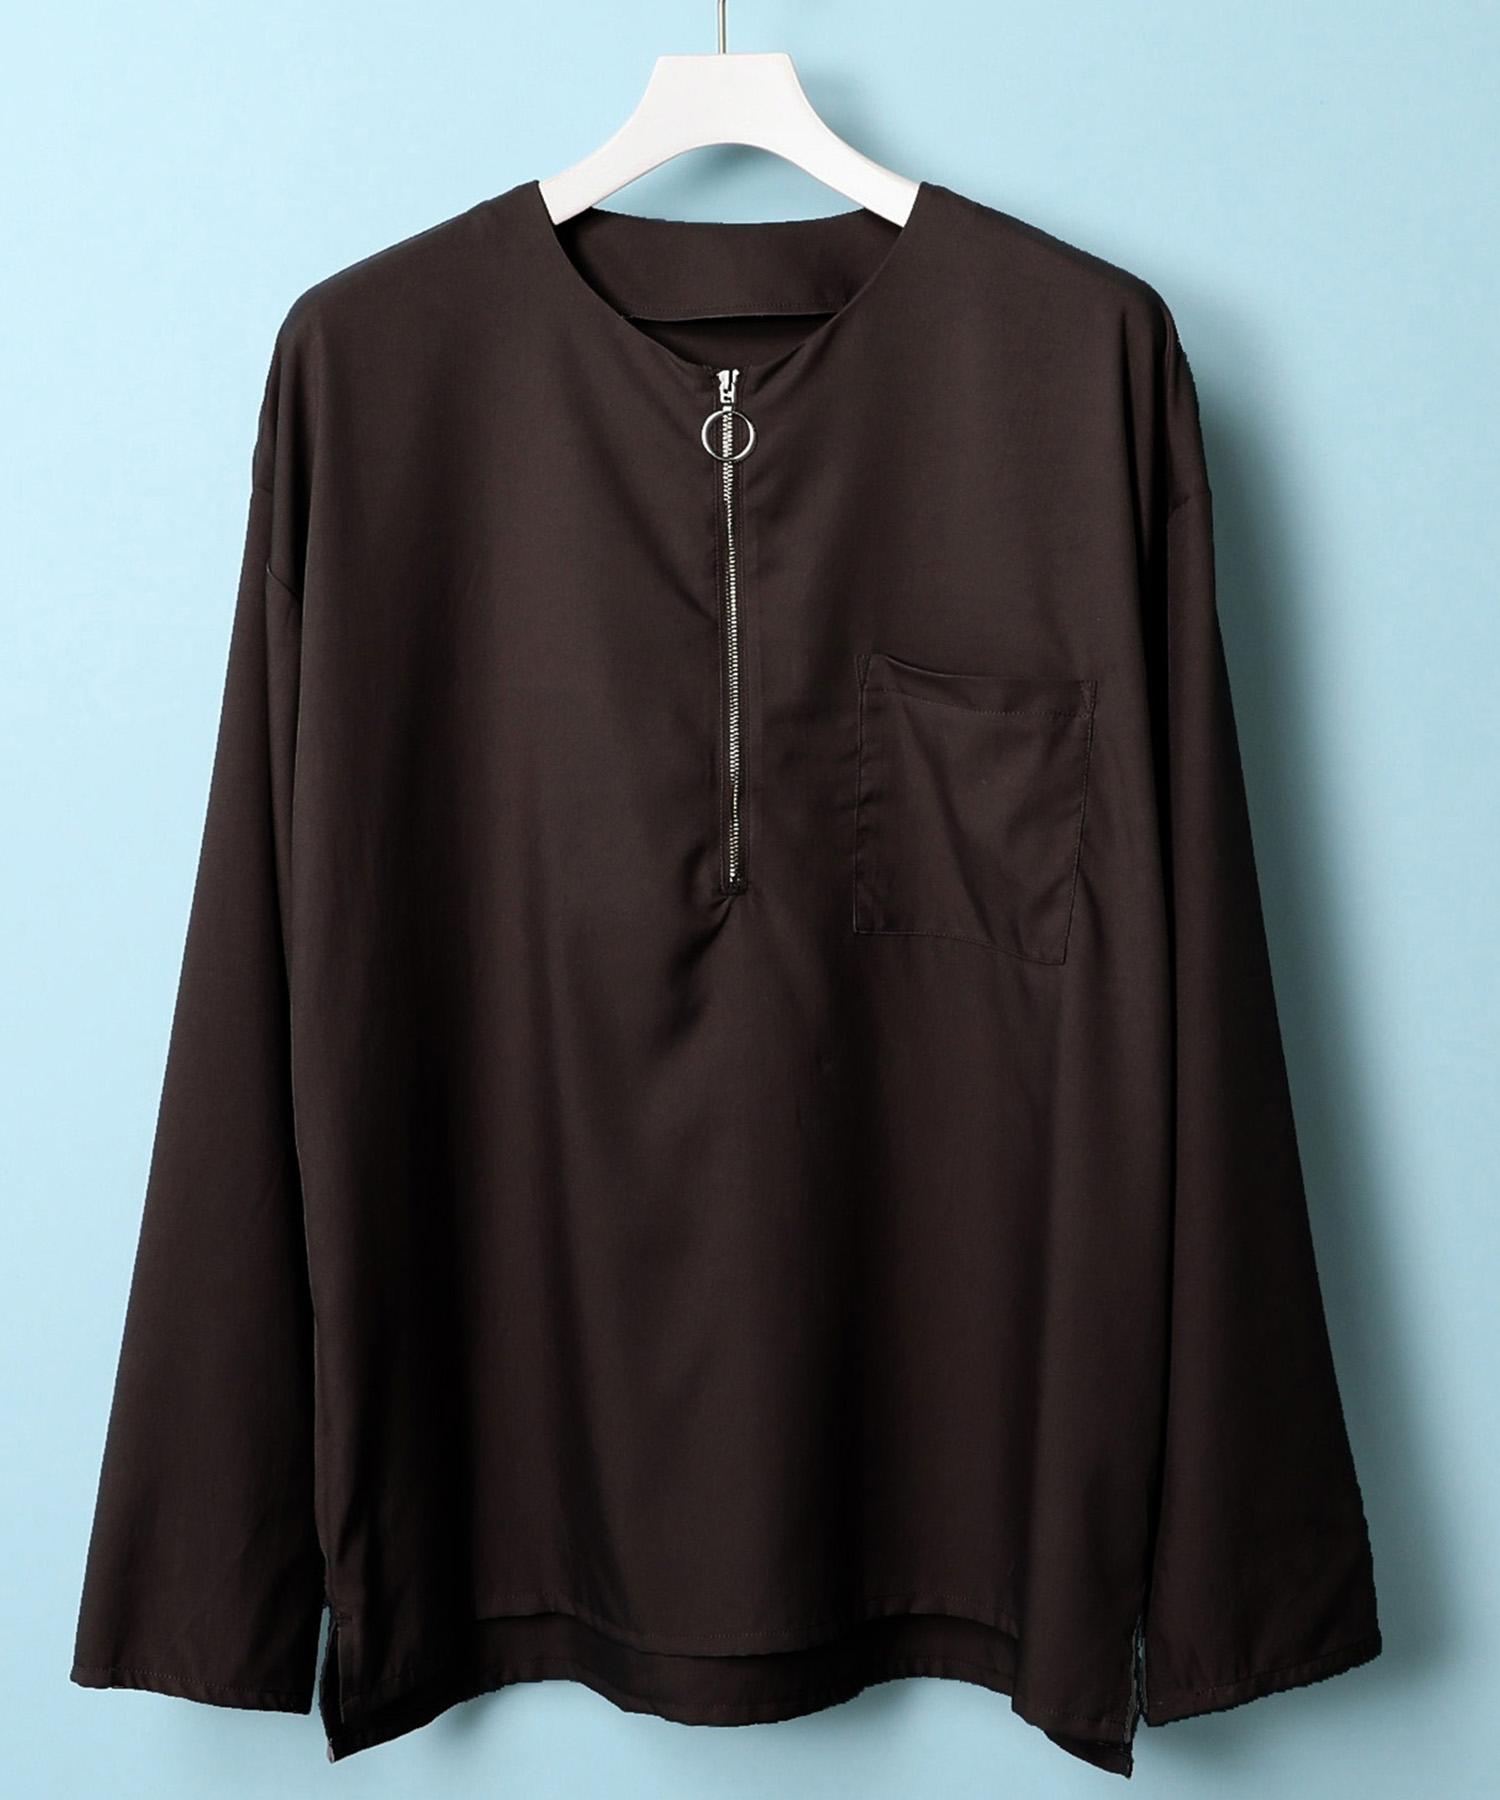 アメリカンラグシー AMERICAN RAG CIE / ハーフZIPノーカラープルオーバーシャツ【WEB限定】